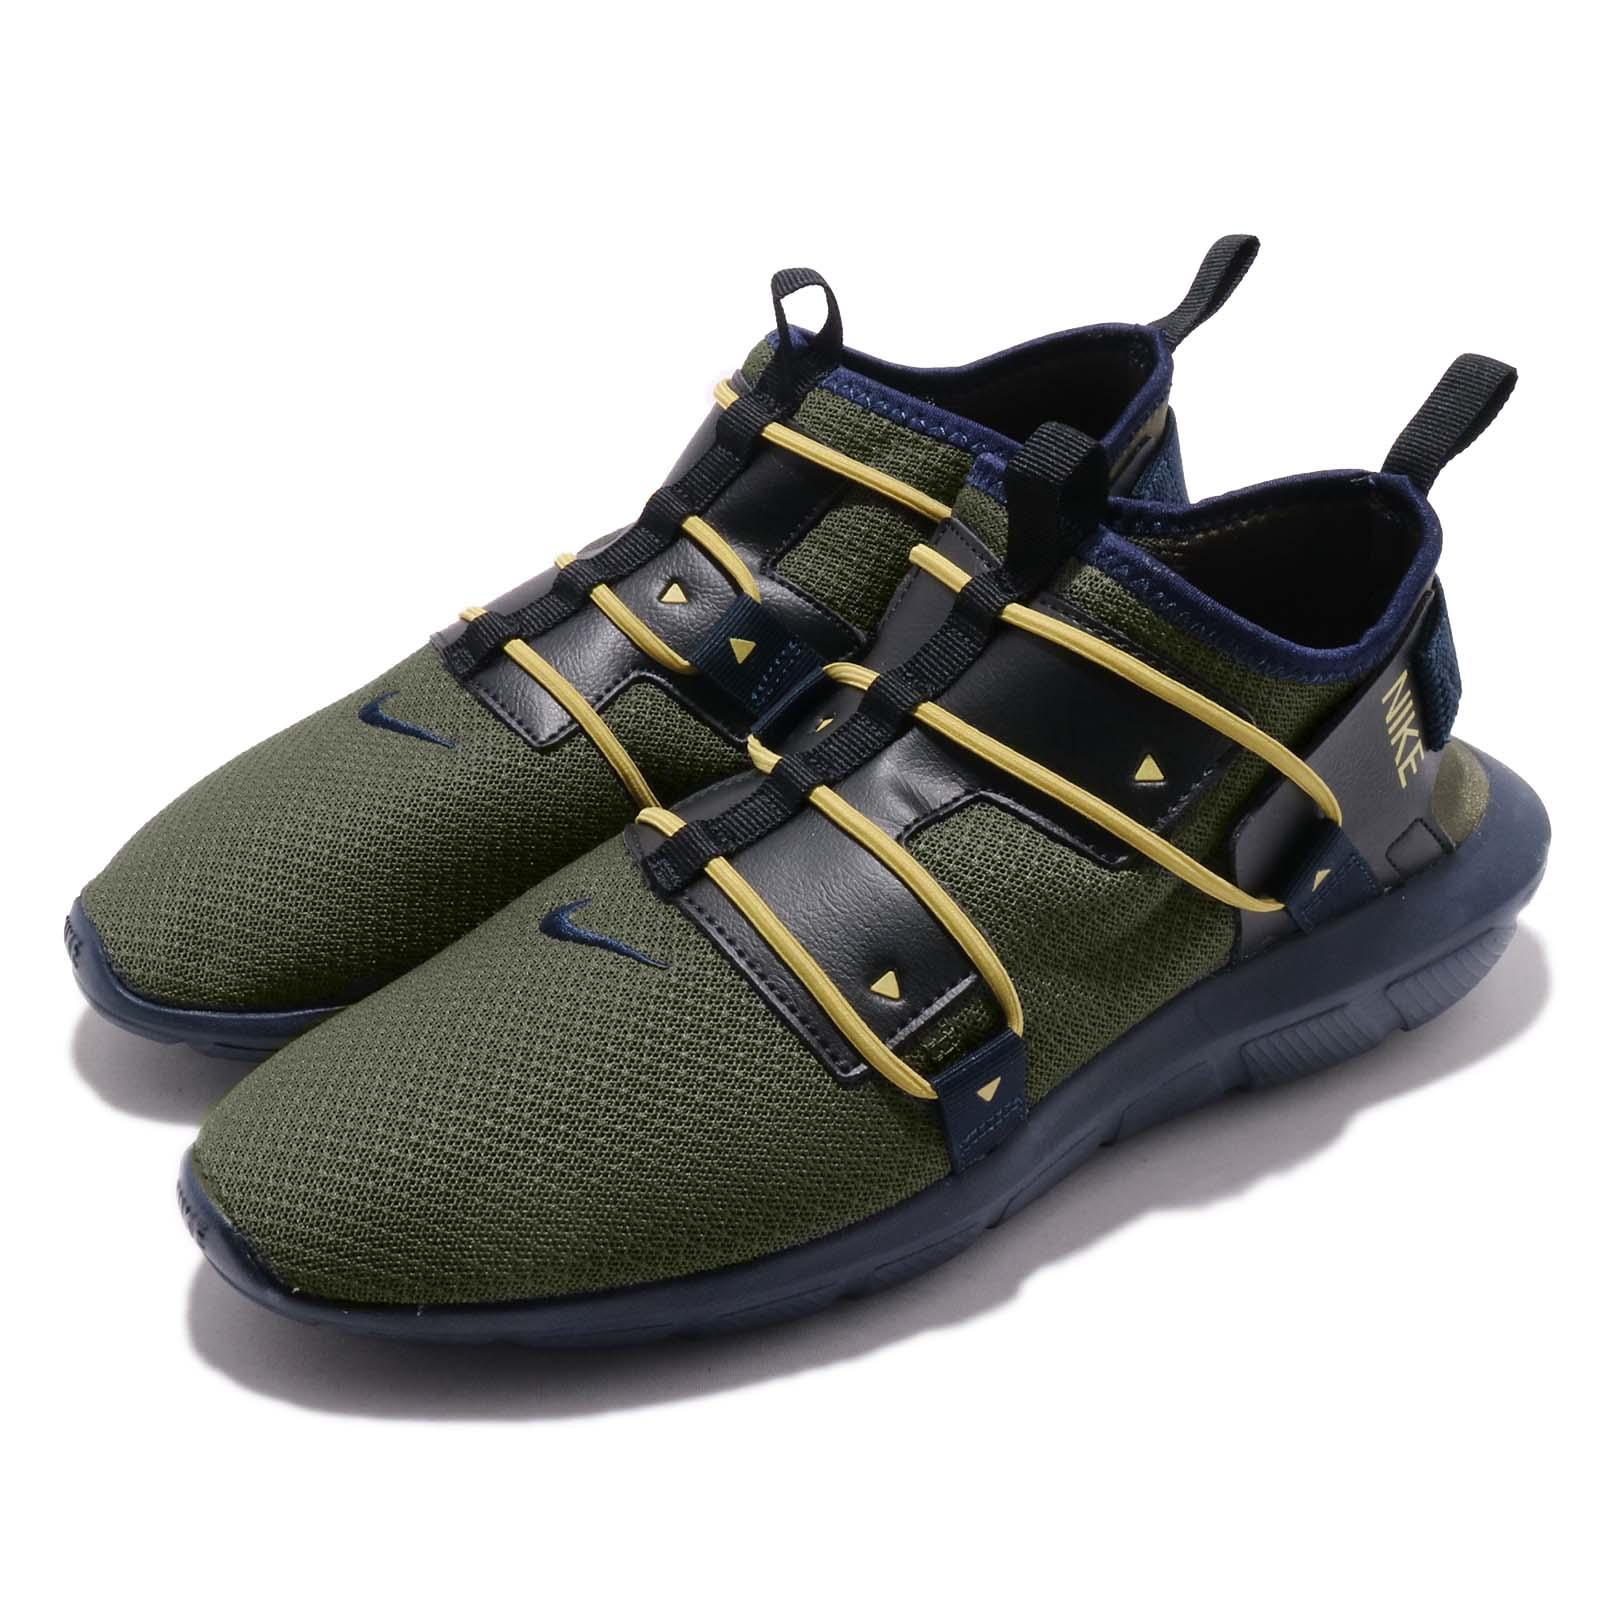 Nike 休閒鞋 Vortak 襪套 運動 男鞋 AA2194-301